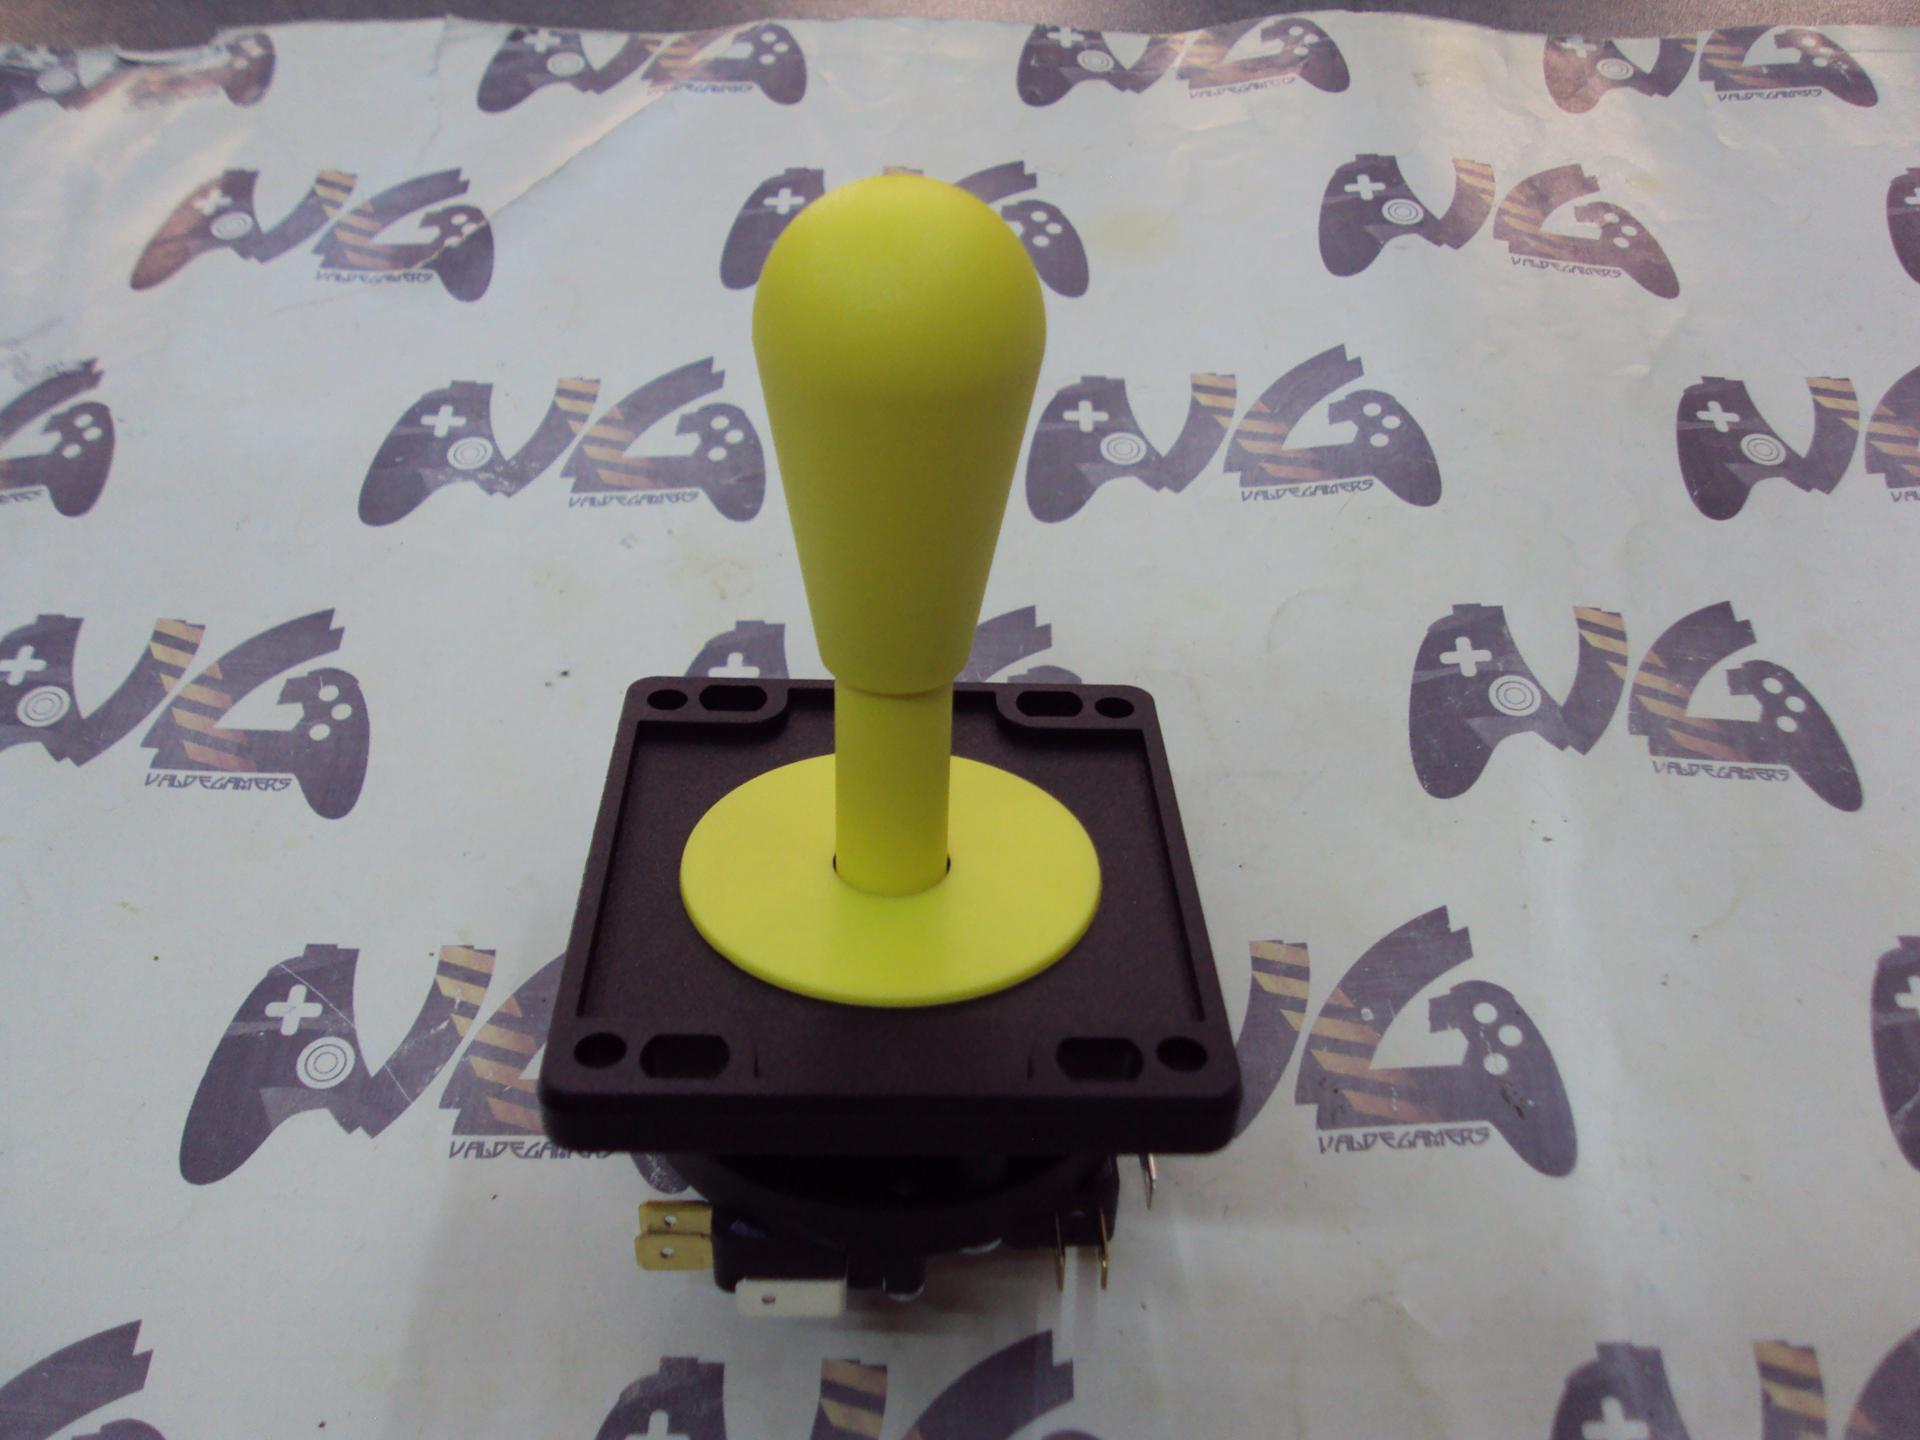 joystick AMARILLO eurojoystick 2 - NUEVO